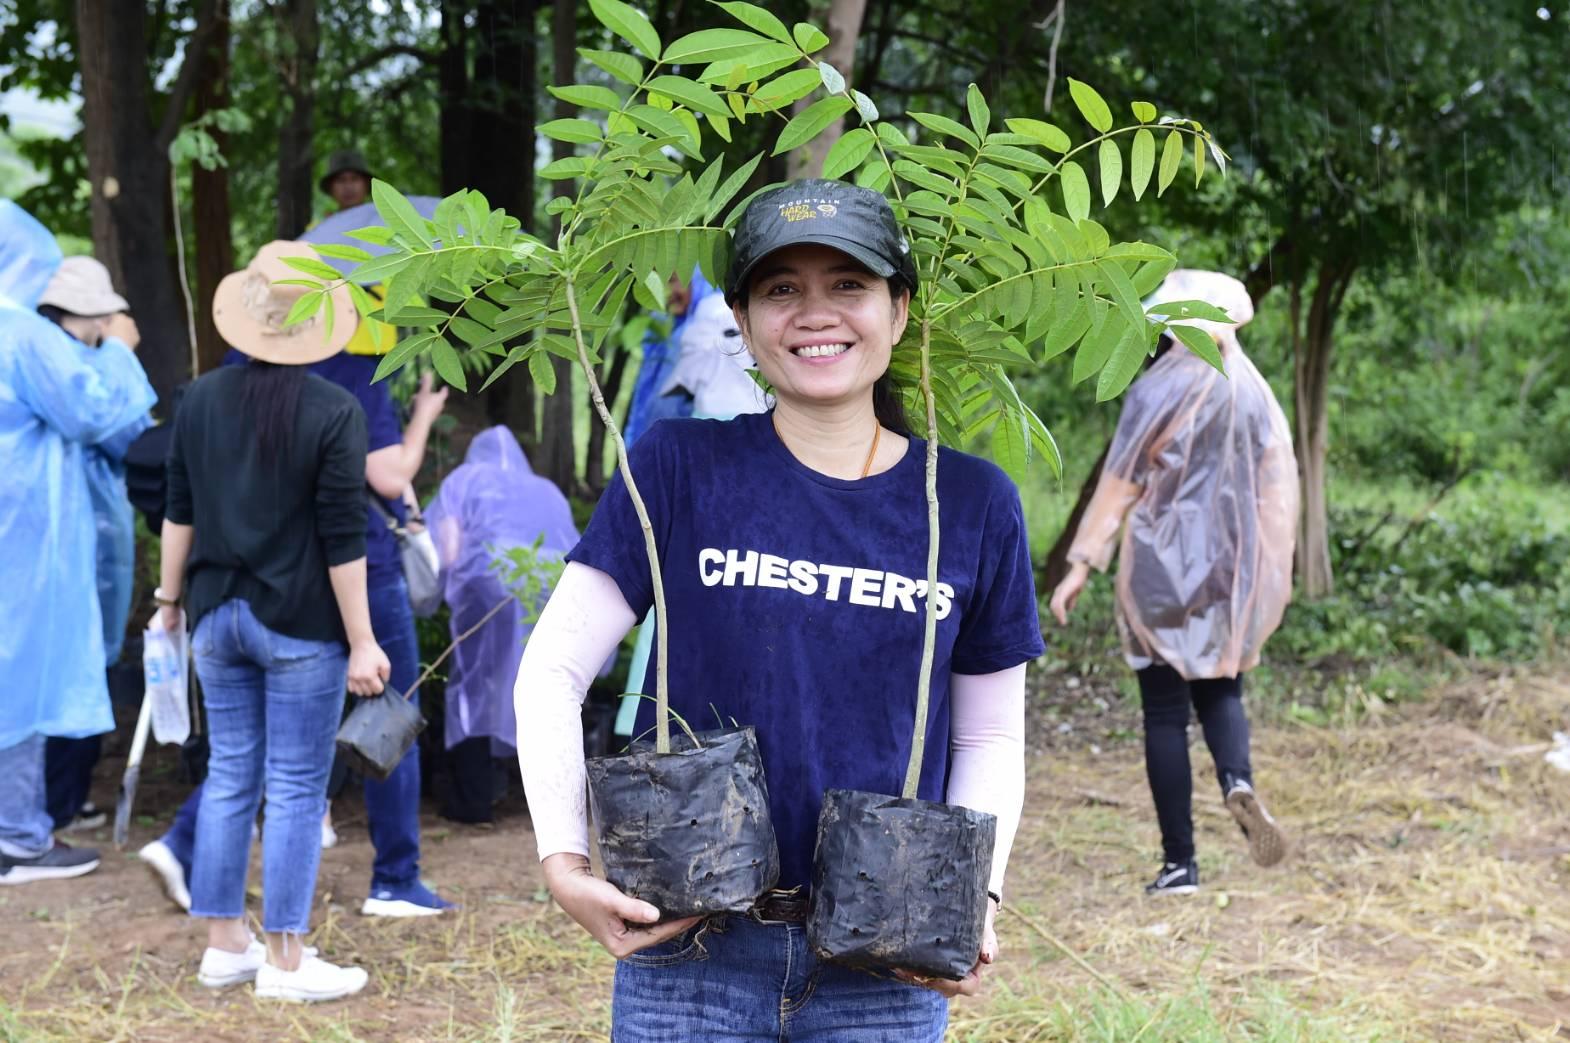 """เชสเตอร์ปันรัก ปันน้ำใจ ปีที่ 8 ร่วมปลูกป่า """"โครงการซีพีเอฟรักษ์นิเวศ ลุ่มน้ำป่าสัก เขาพระยาเดินธง"""""""